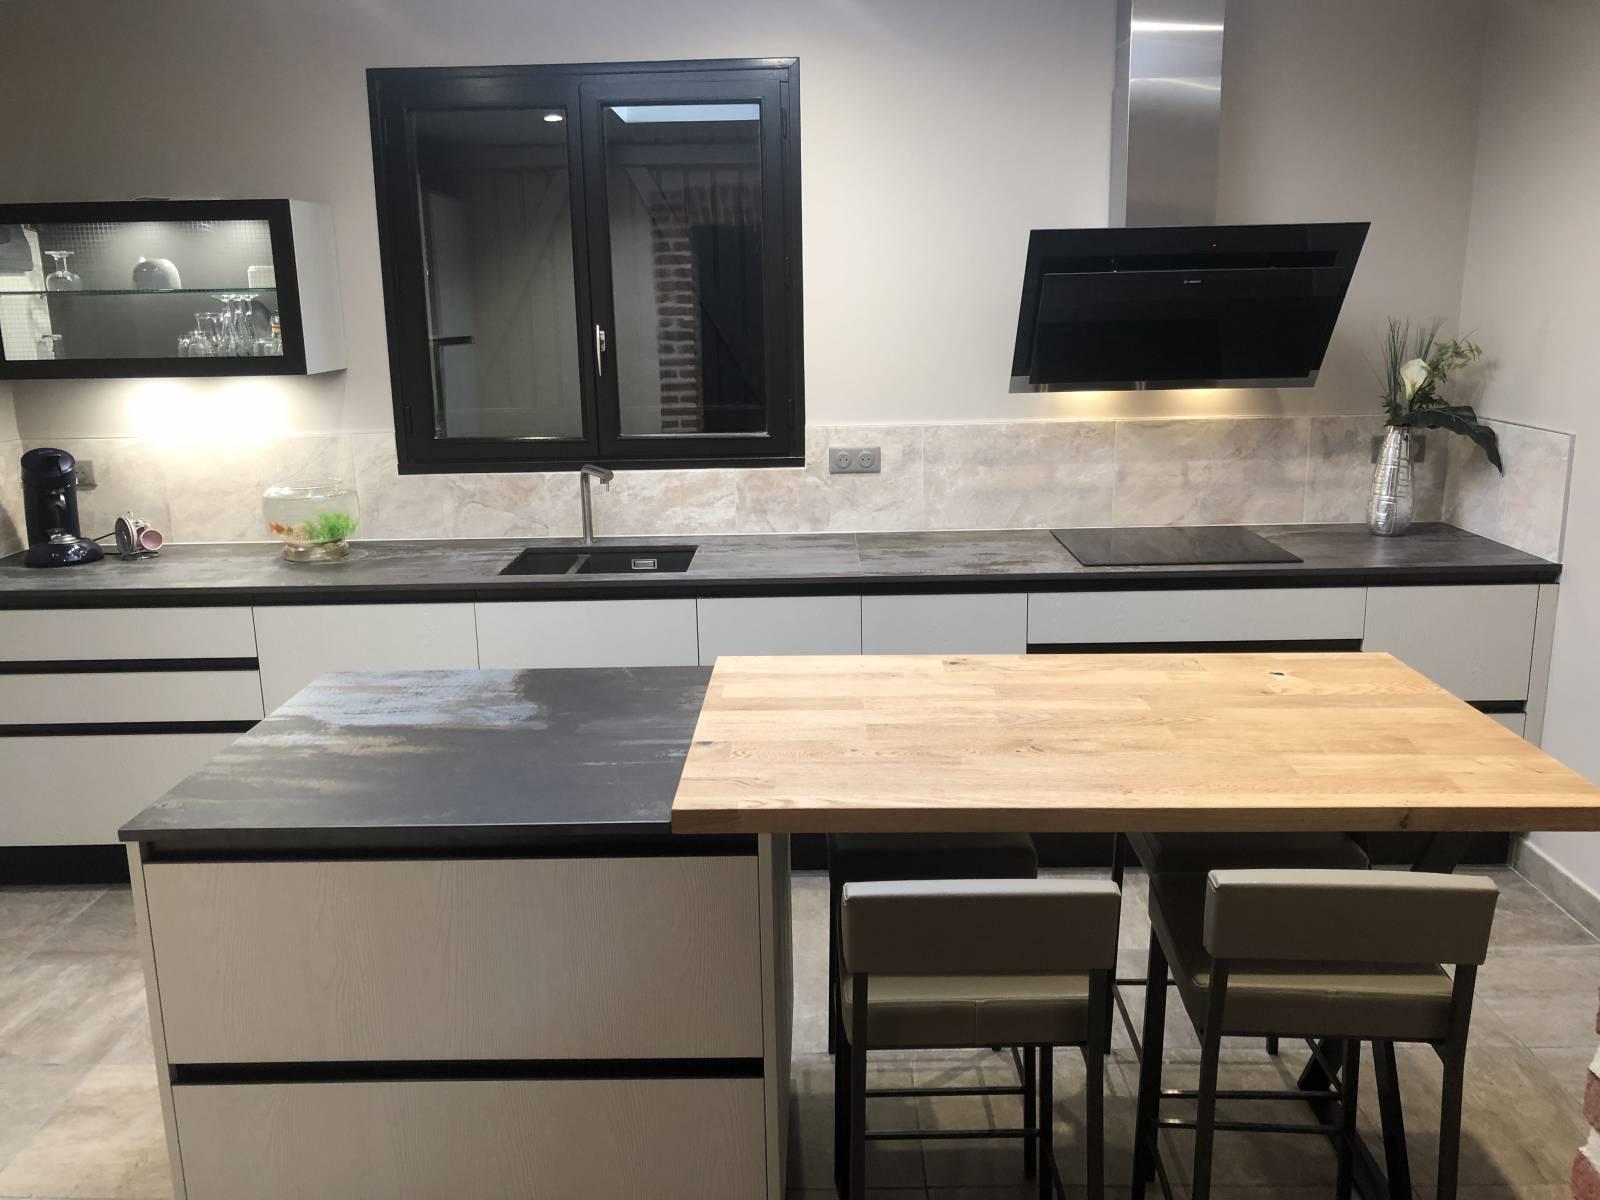 Ilot Central Et Table installation d'une cuisine aménagée avec îlot central, le